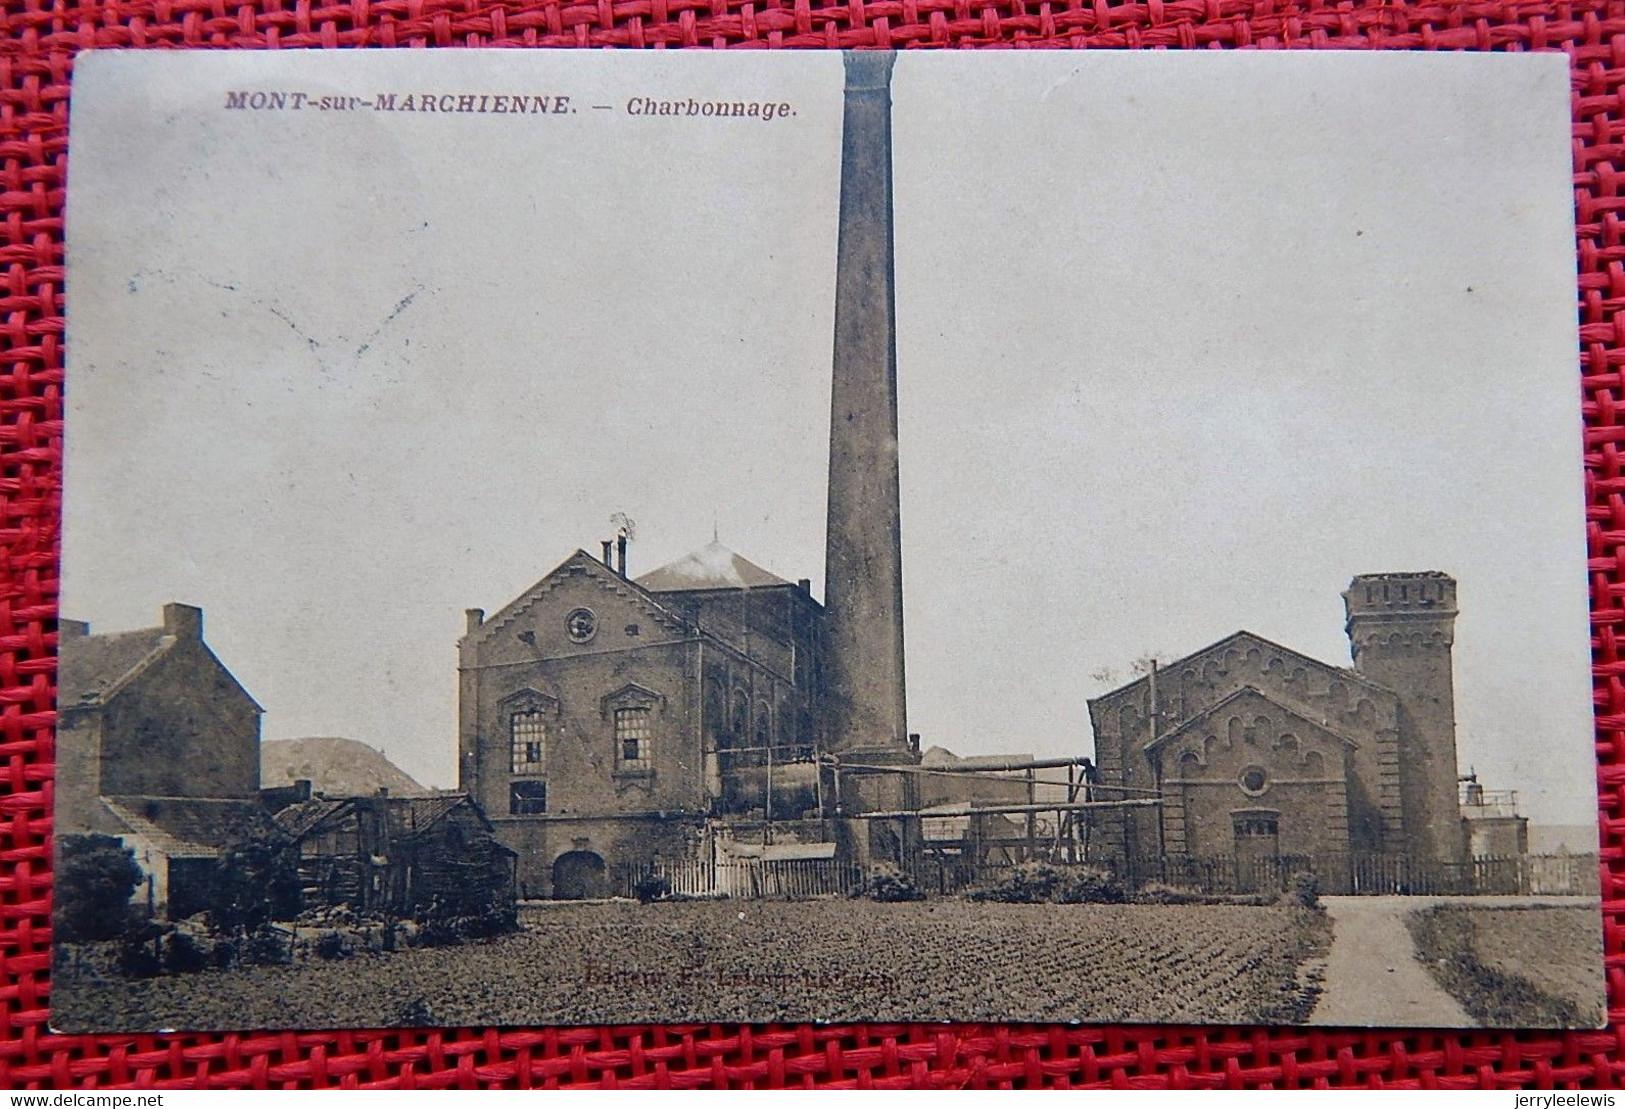 MONT-sur-MARCHIENNE  -  Charbonnage - Charleroi